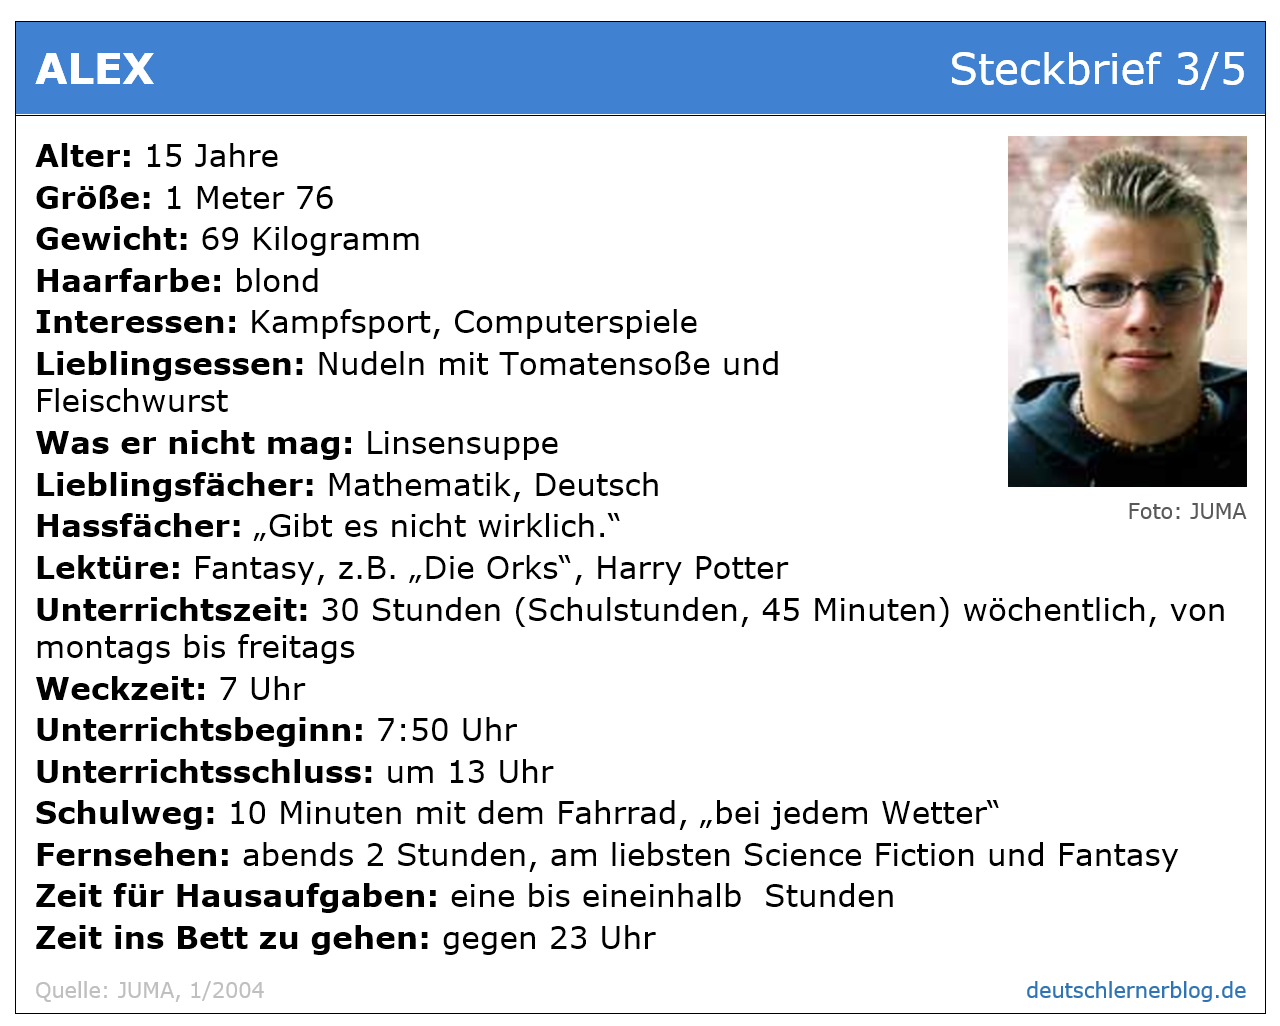 Alex_15_Steckbrief_deutschlernerblog